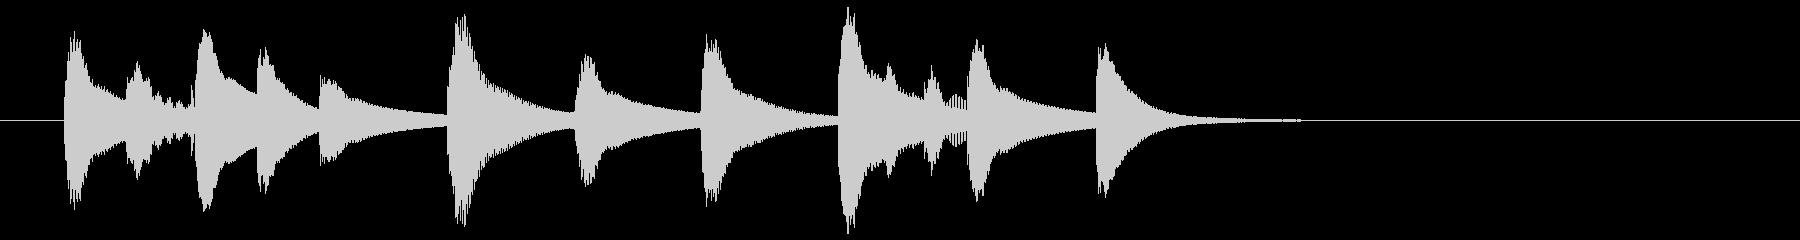 マリンバ・ジングル・場面転換・切り替えの未再生の波形